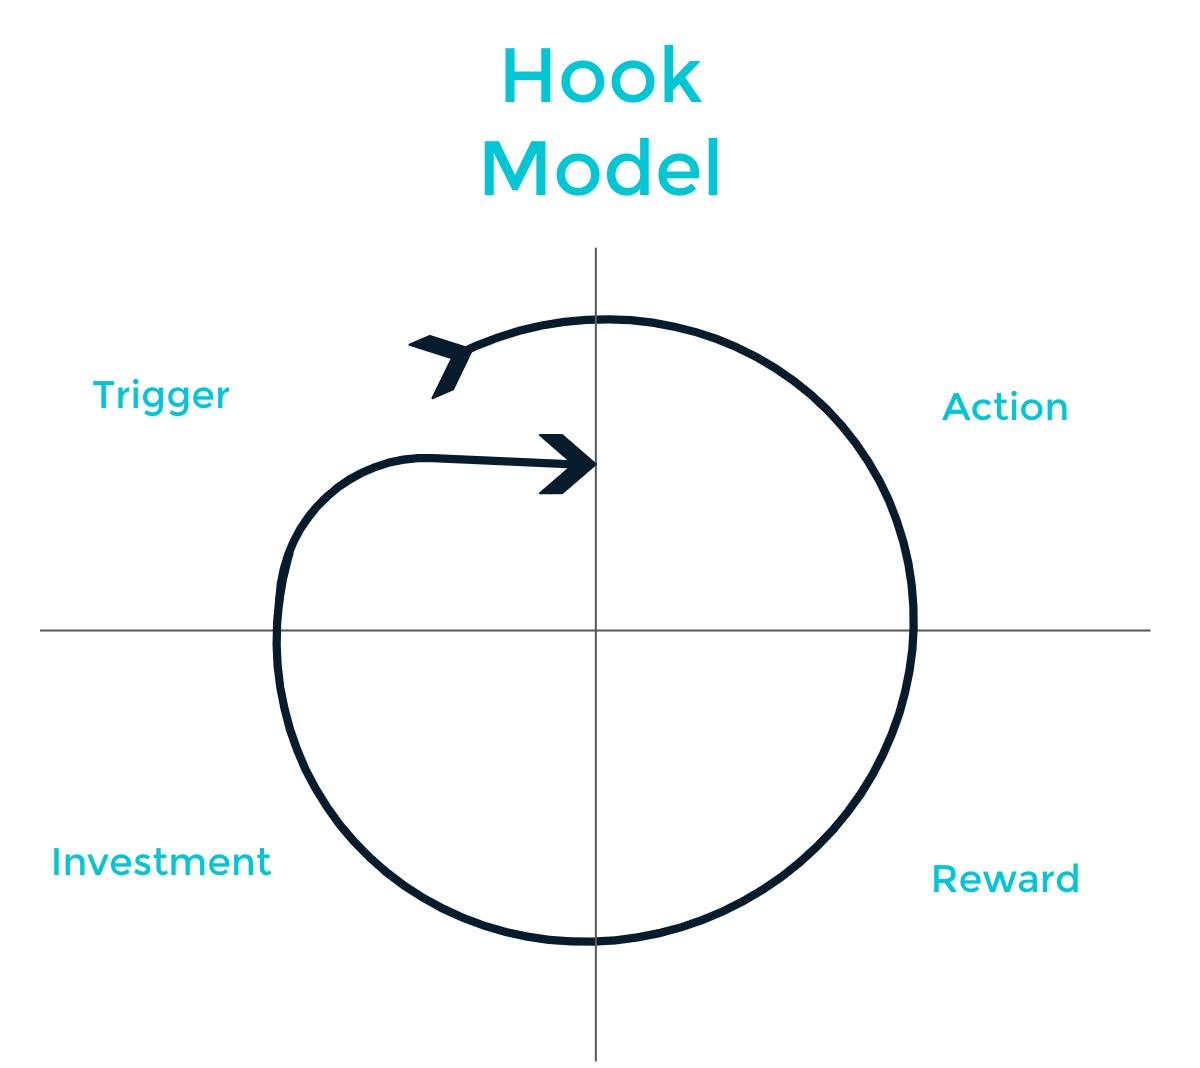 hook model